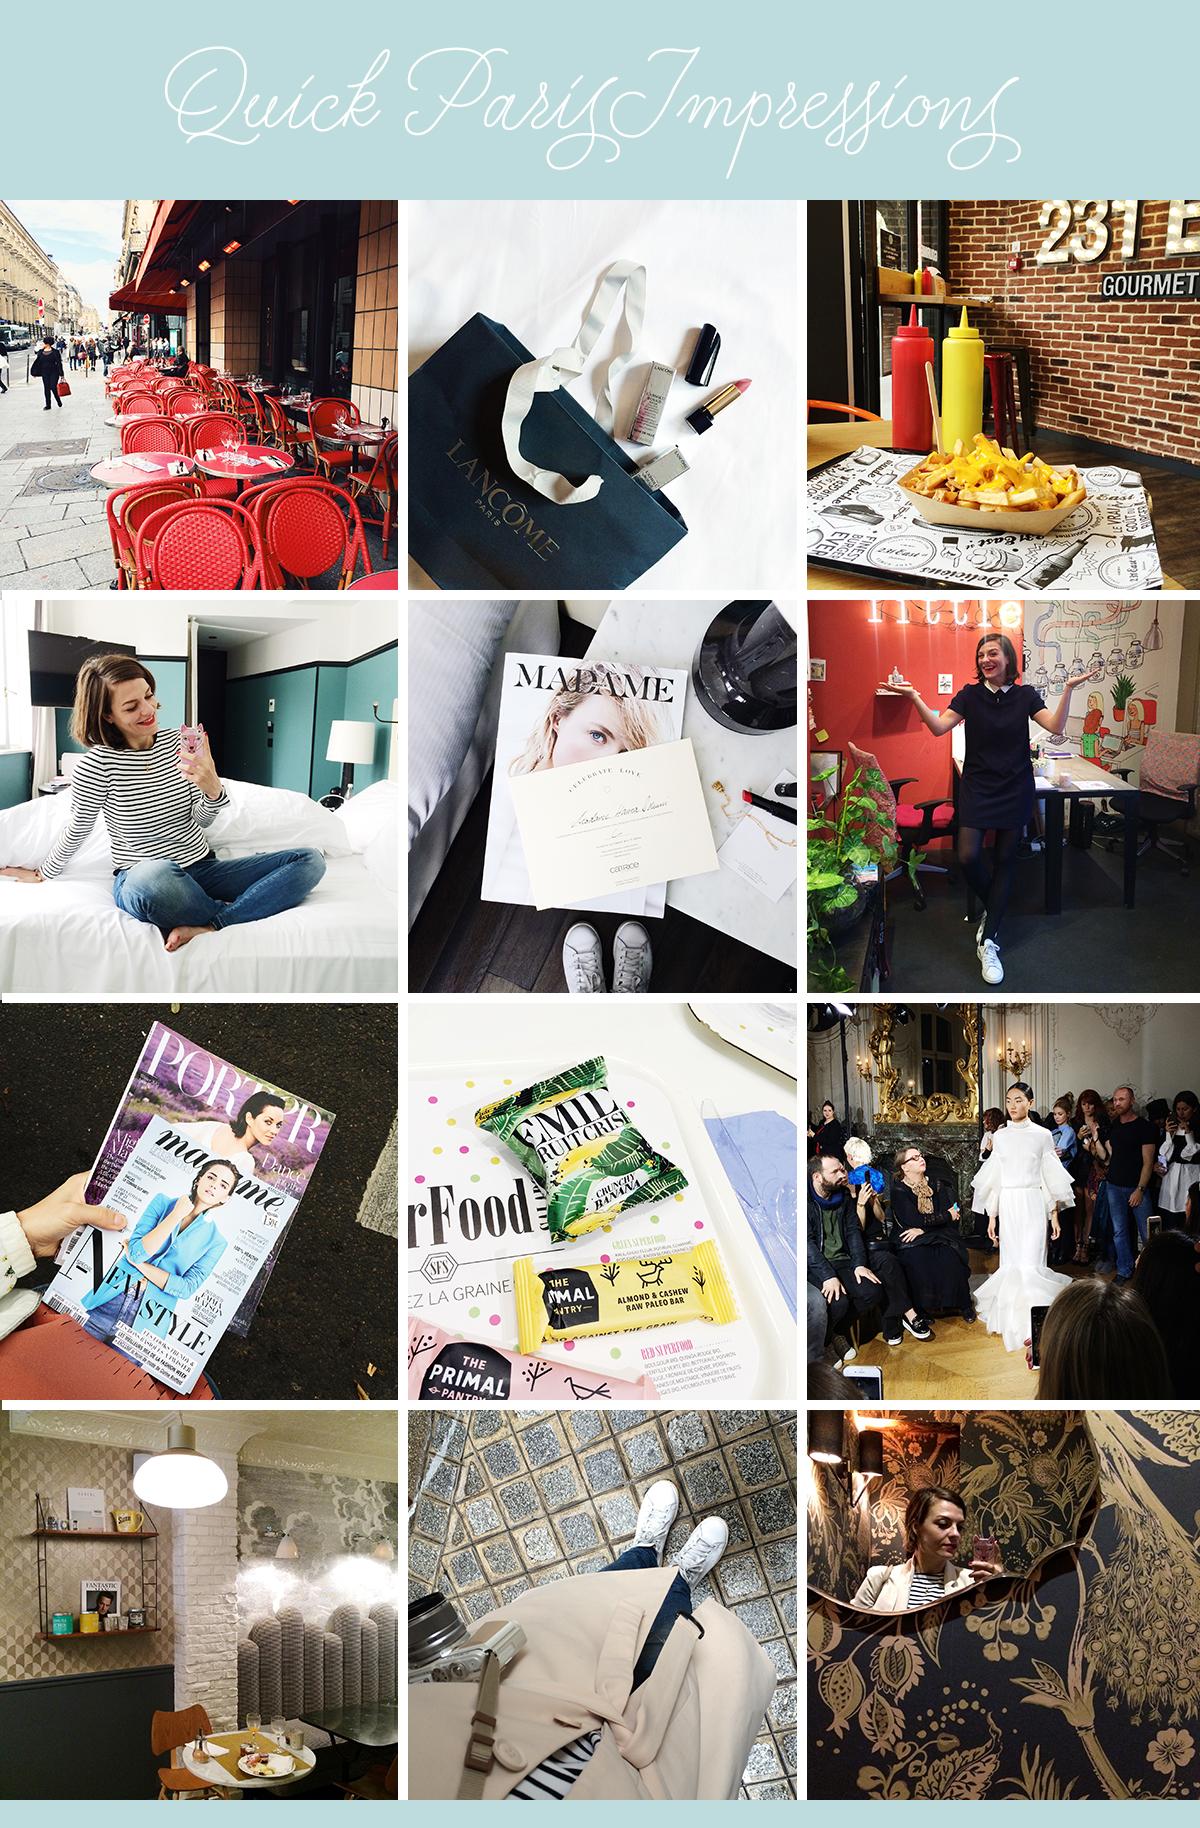 paris_instagram